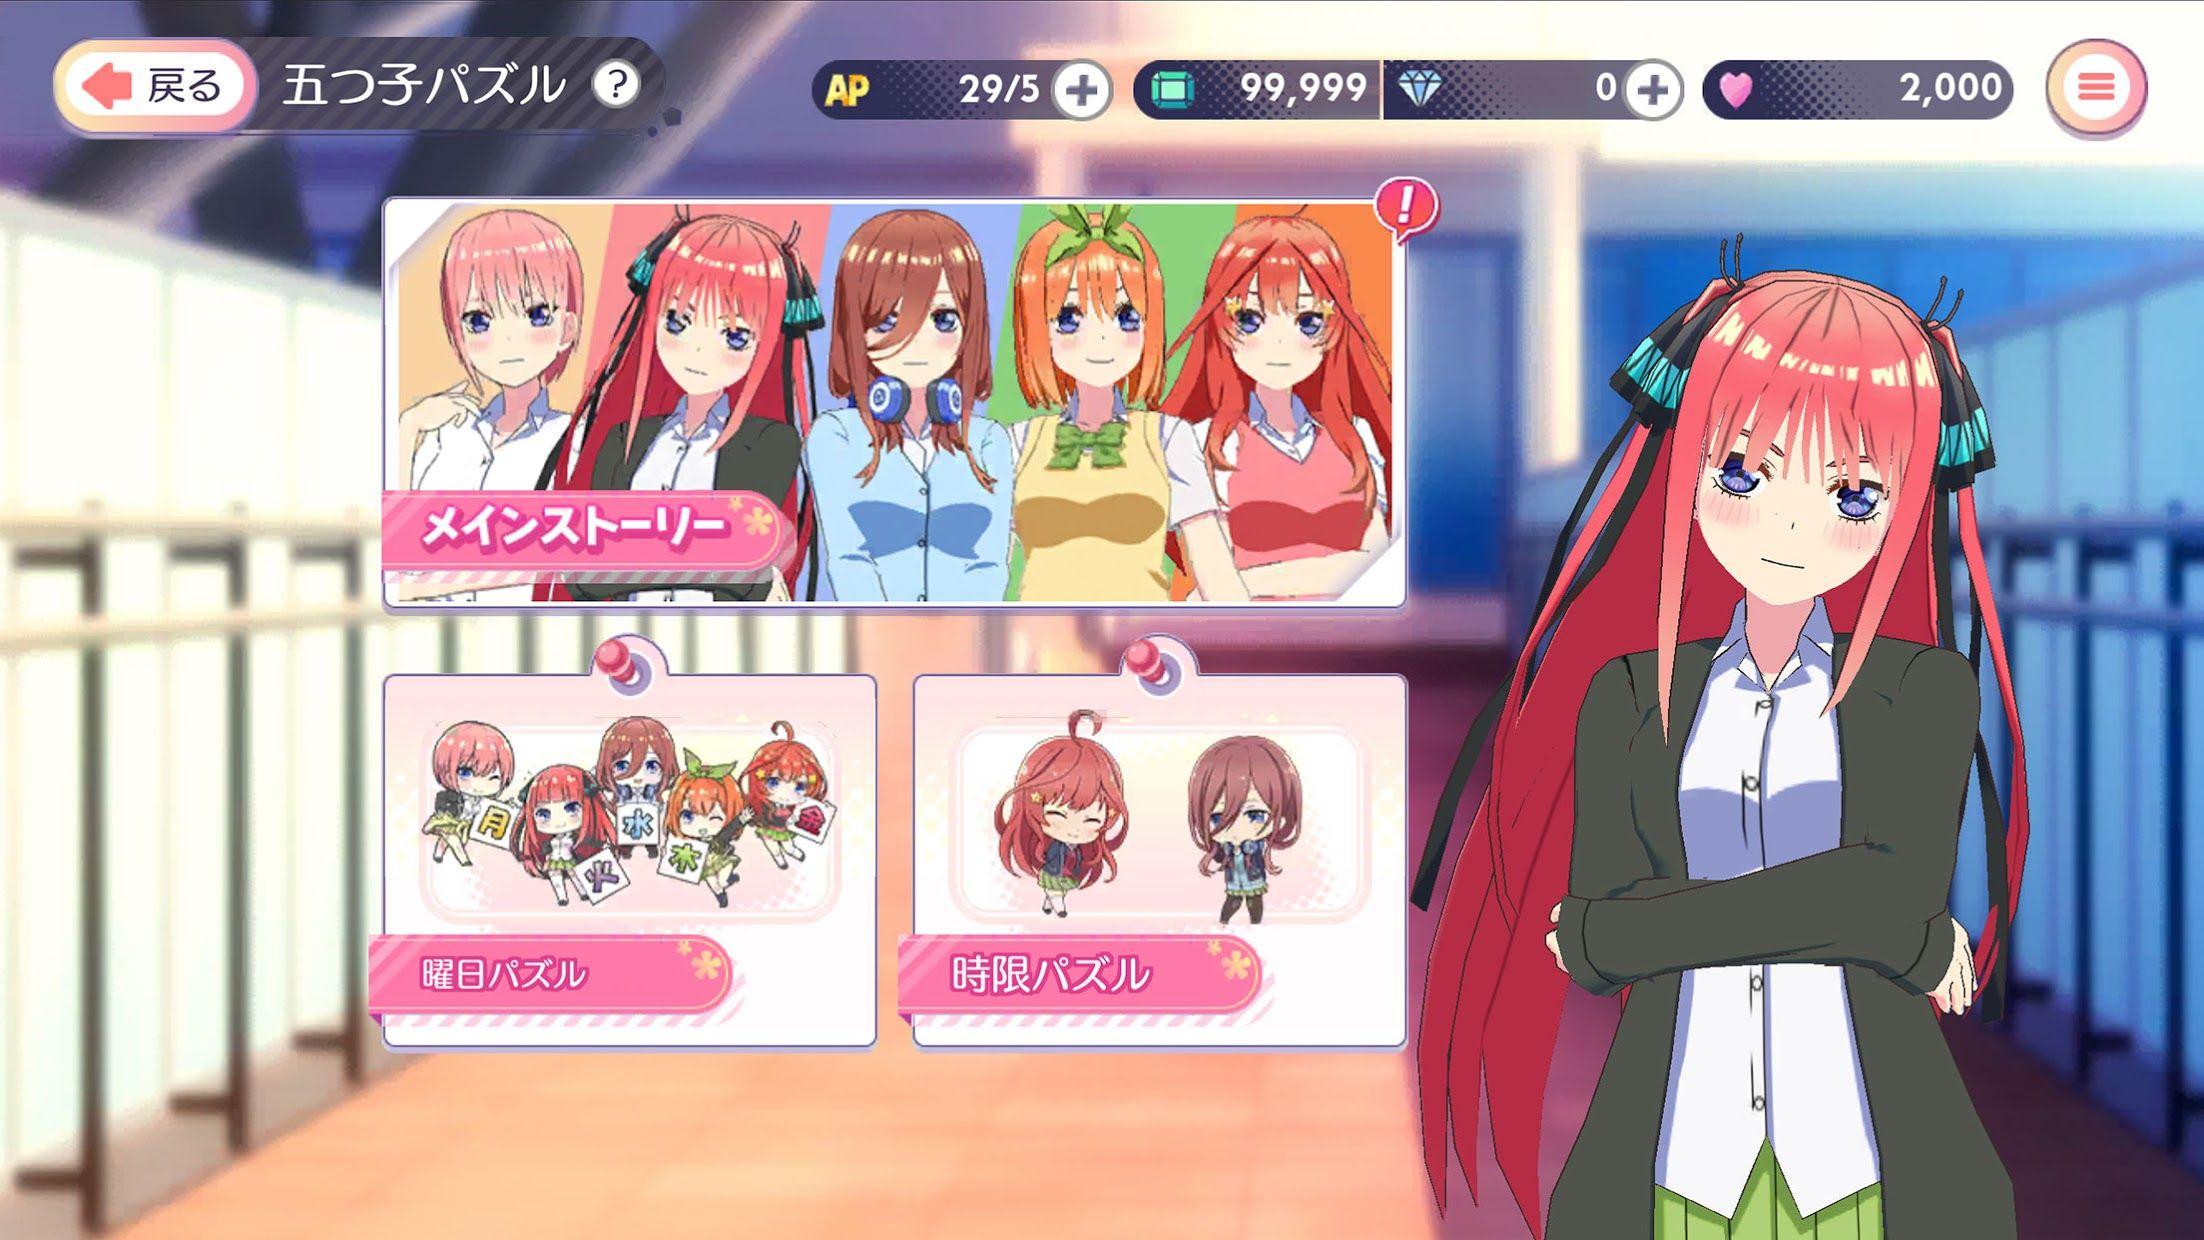 五等分的新娘 五胞胎不能将谜题五等分 游戏截图5